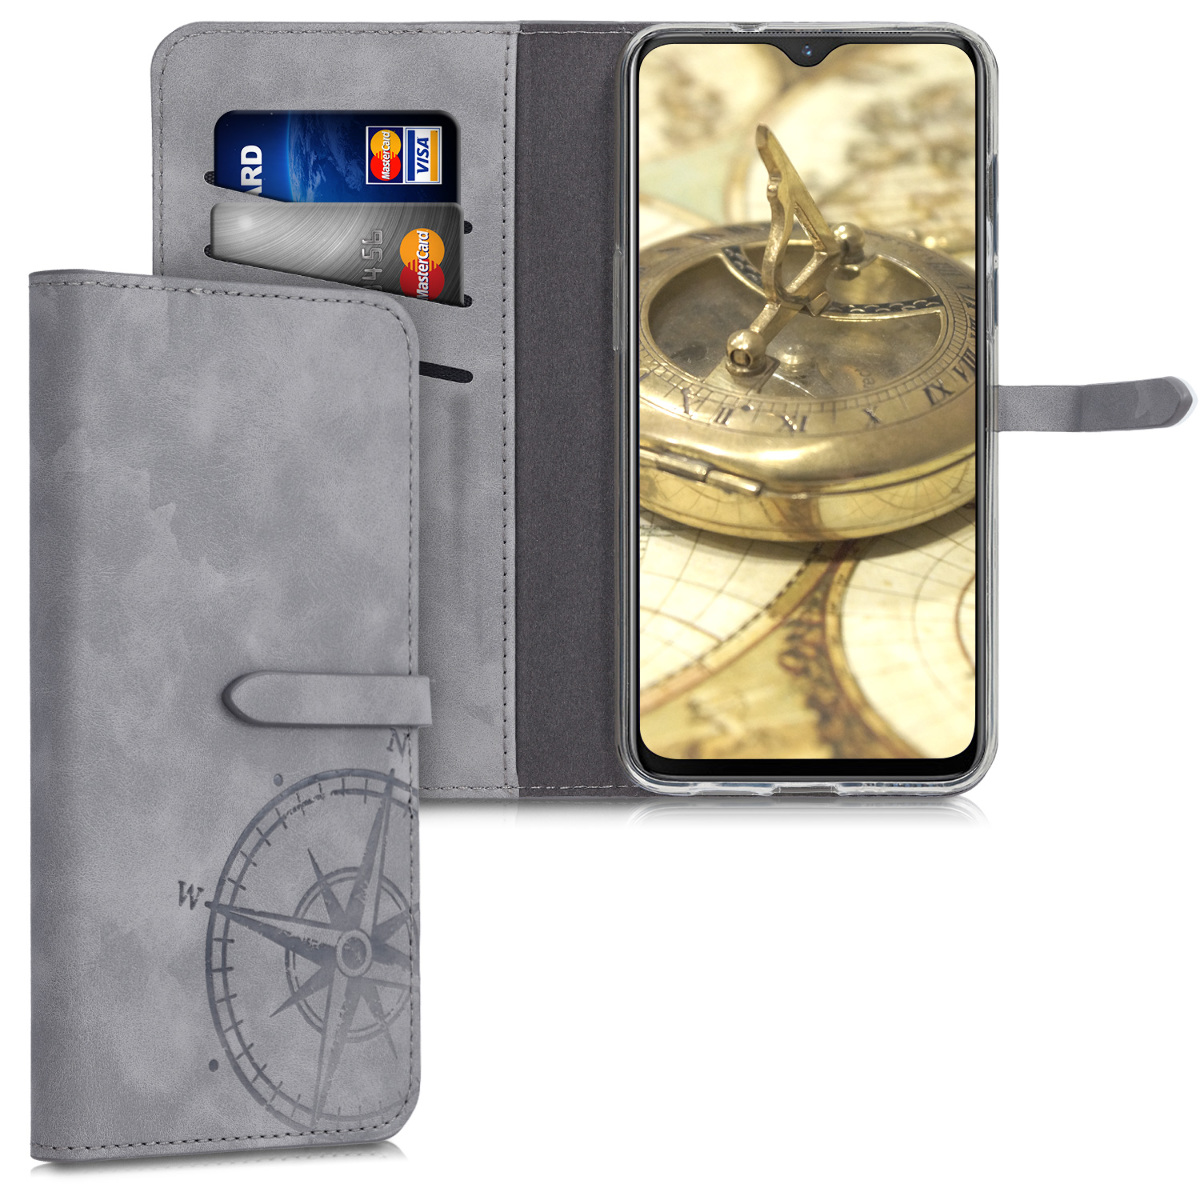 KW Θήκη Πορτοφόλι OnePlus 7 - Grey (48582.01)